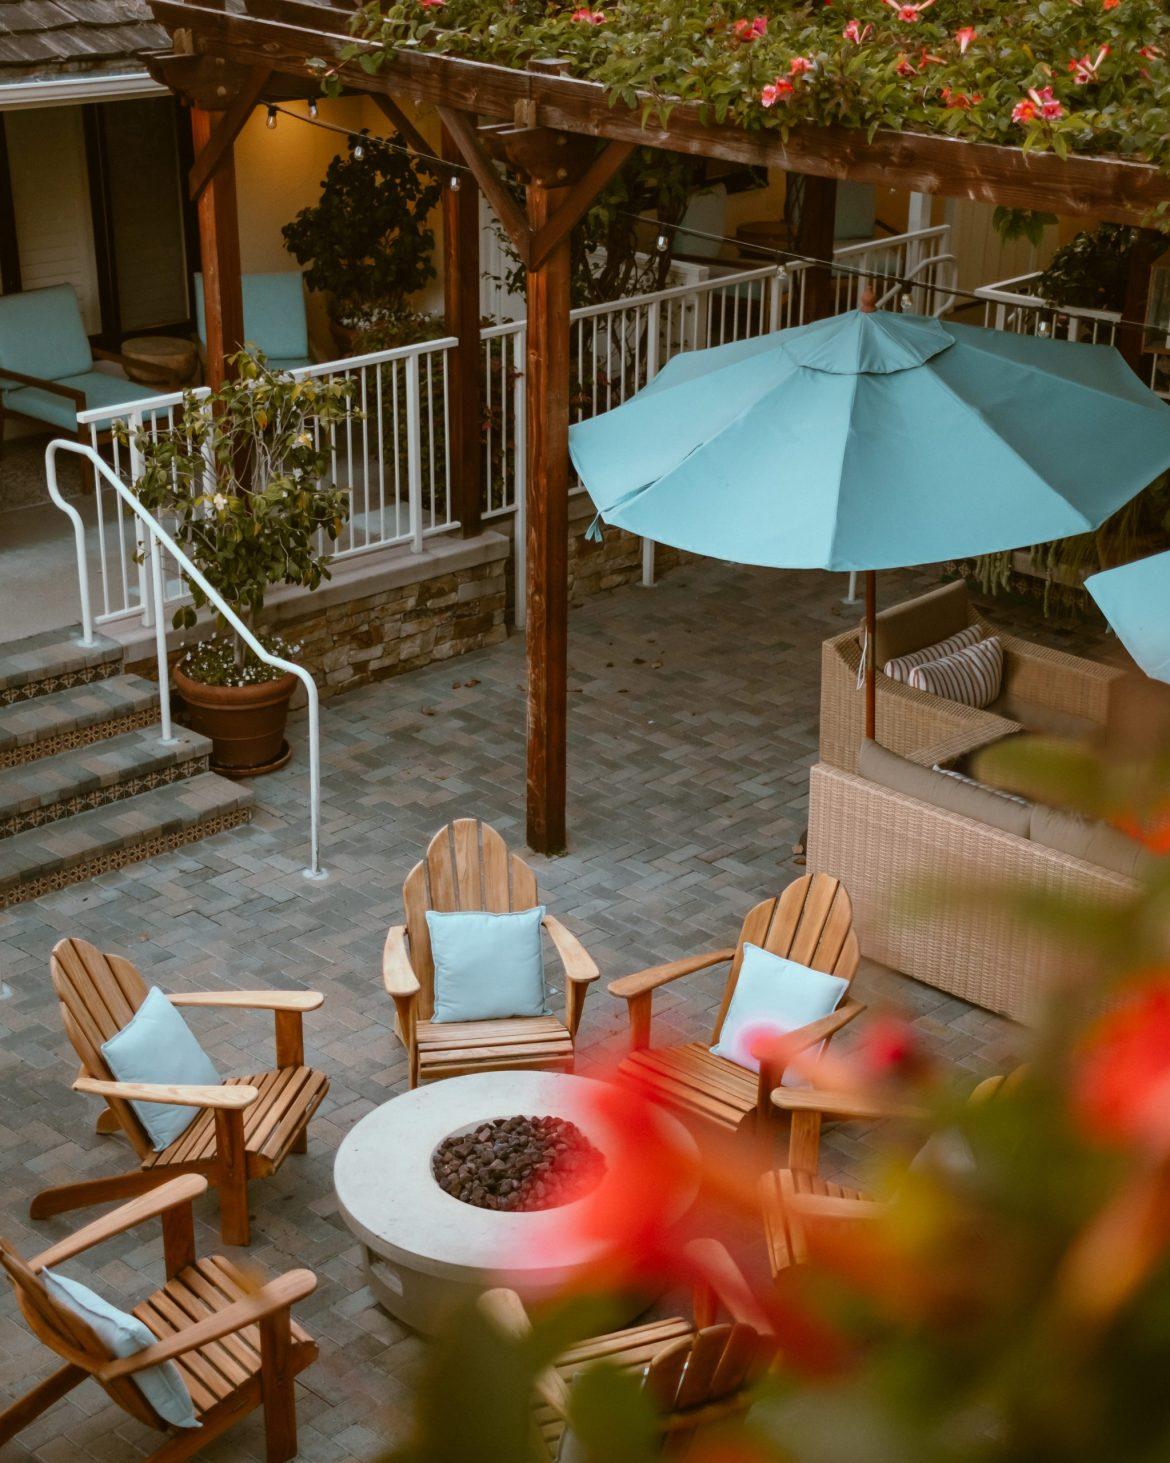 dreamy courtyard at Hotel Carmel